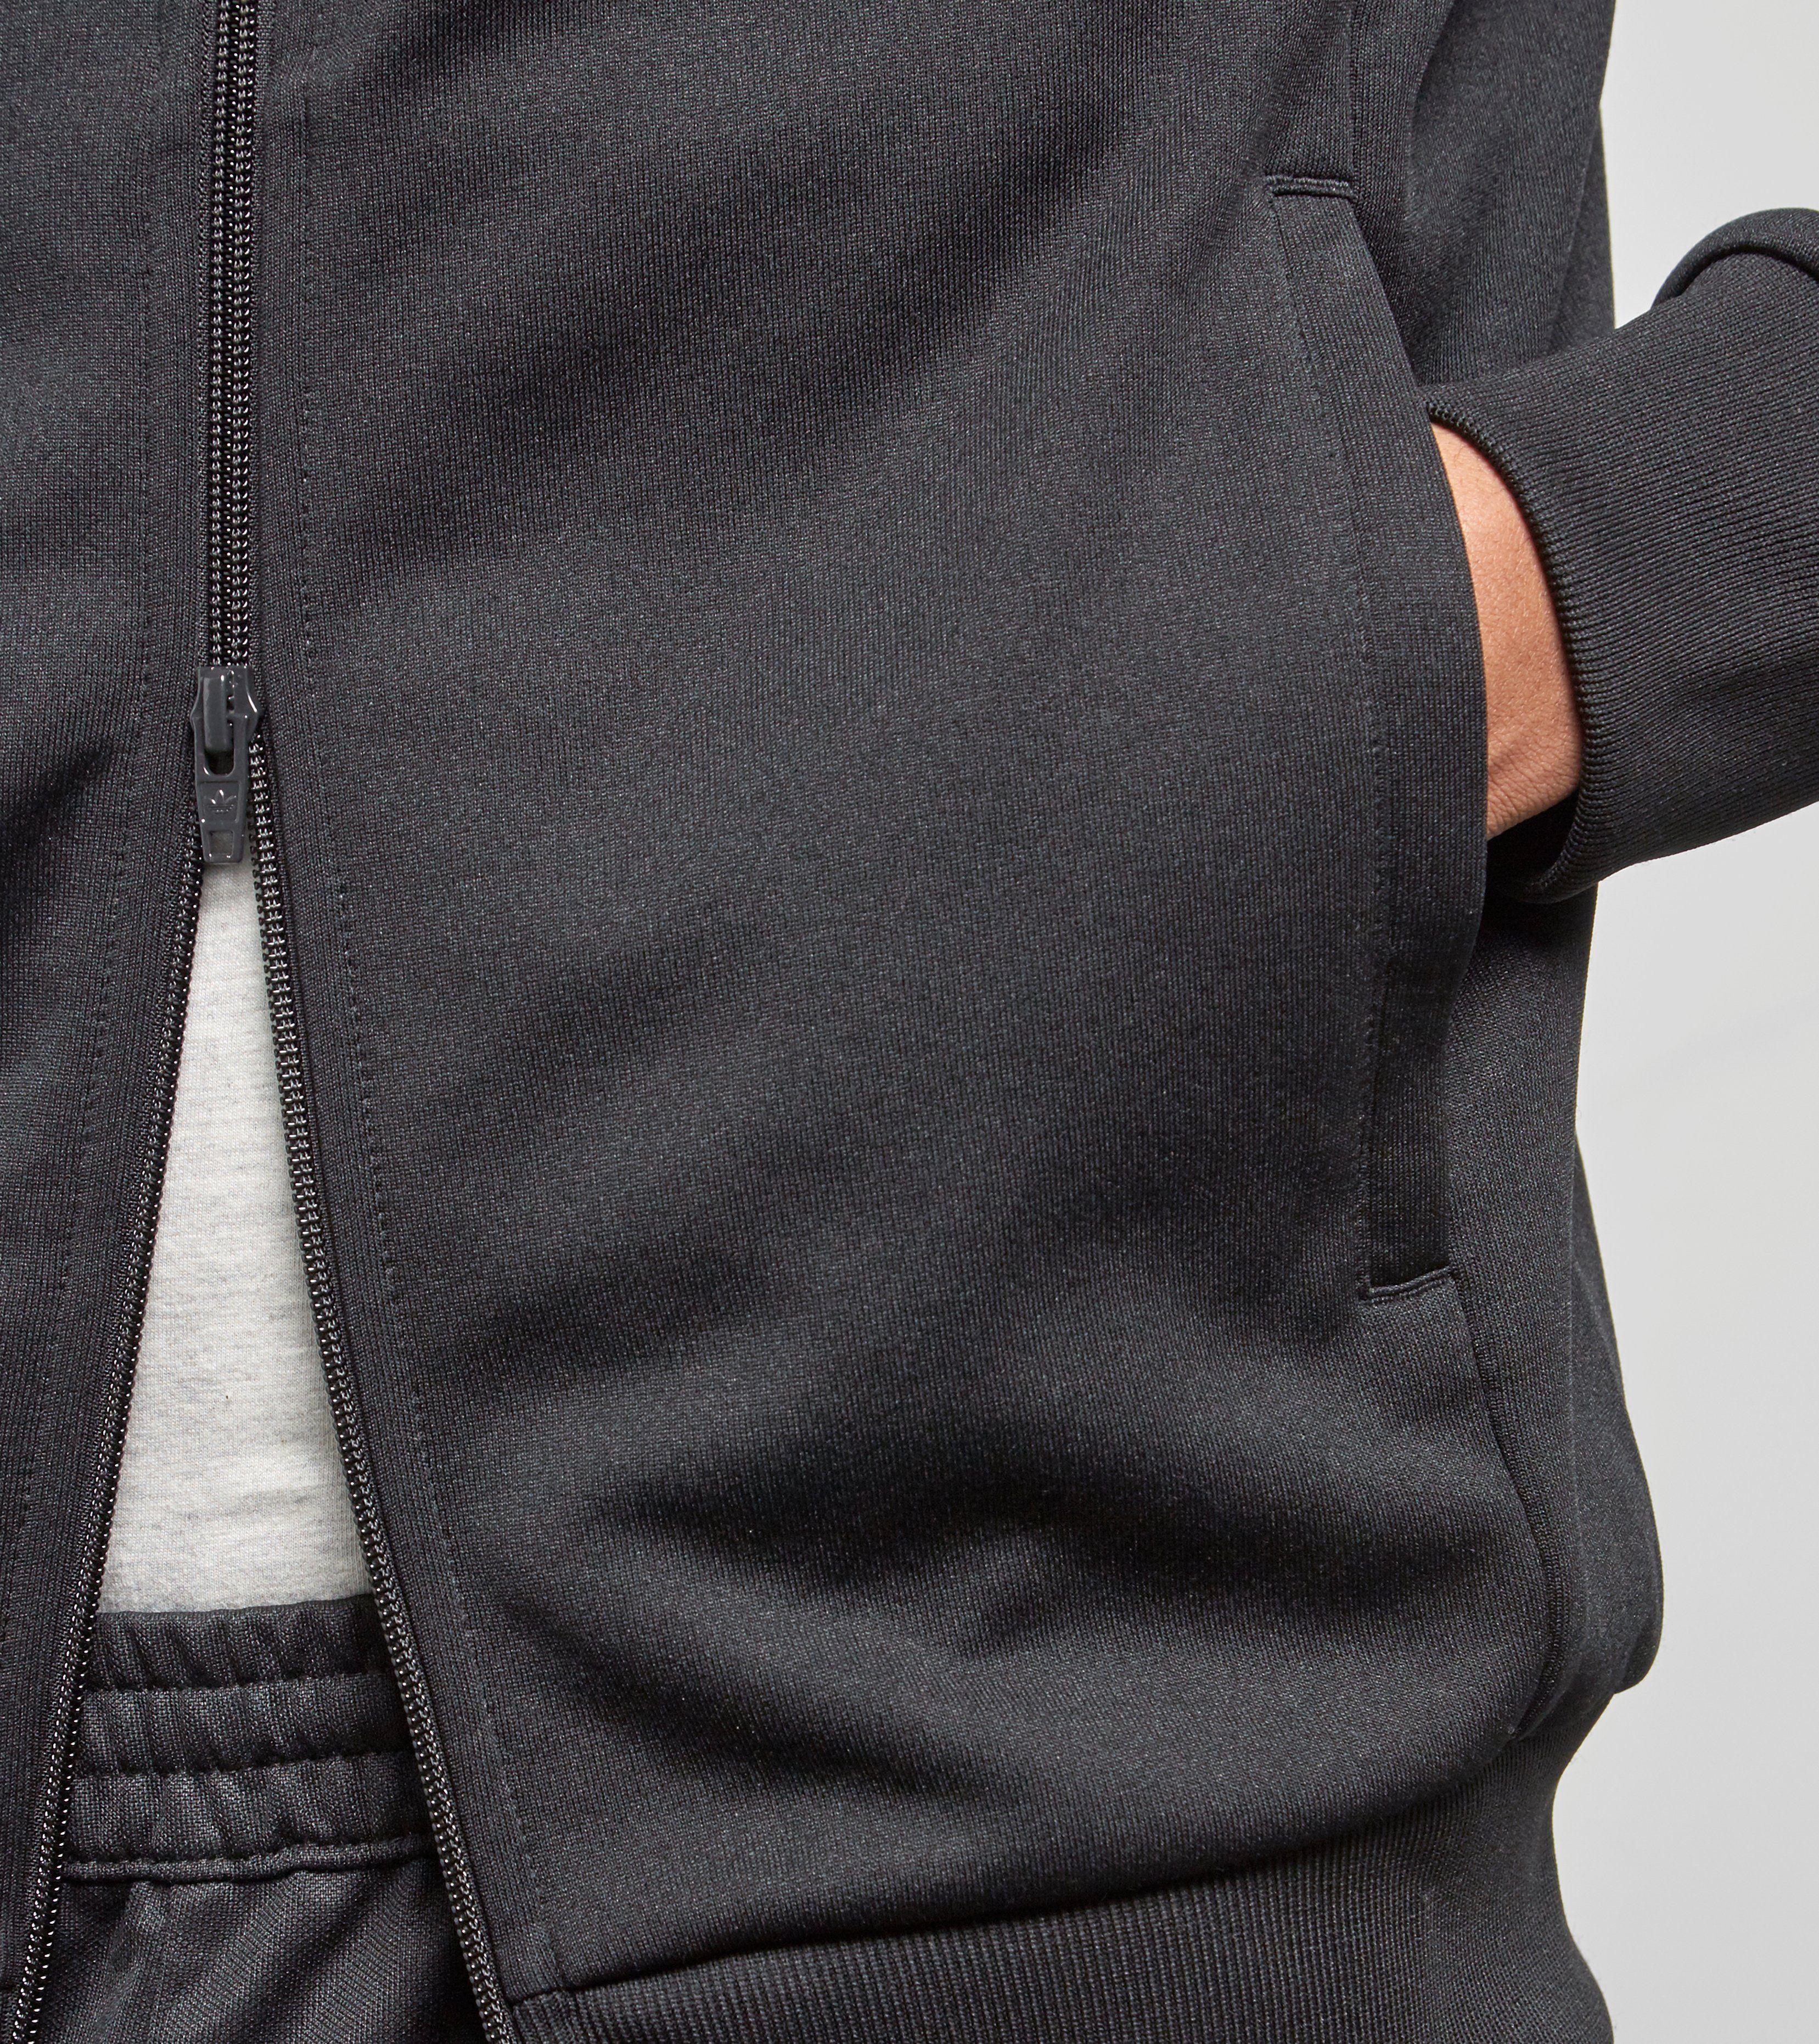 adidas Originals Superstar Full Zip Träningsjacka